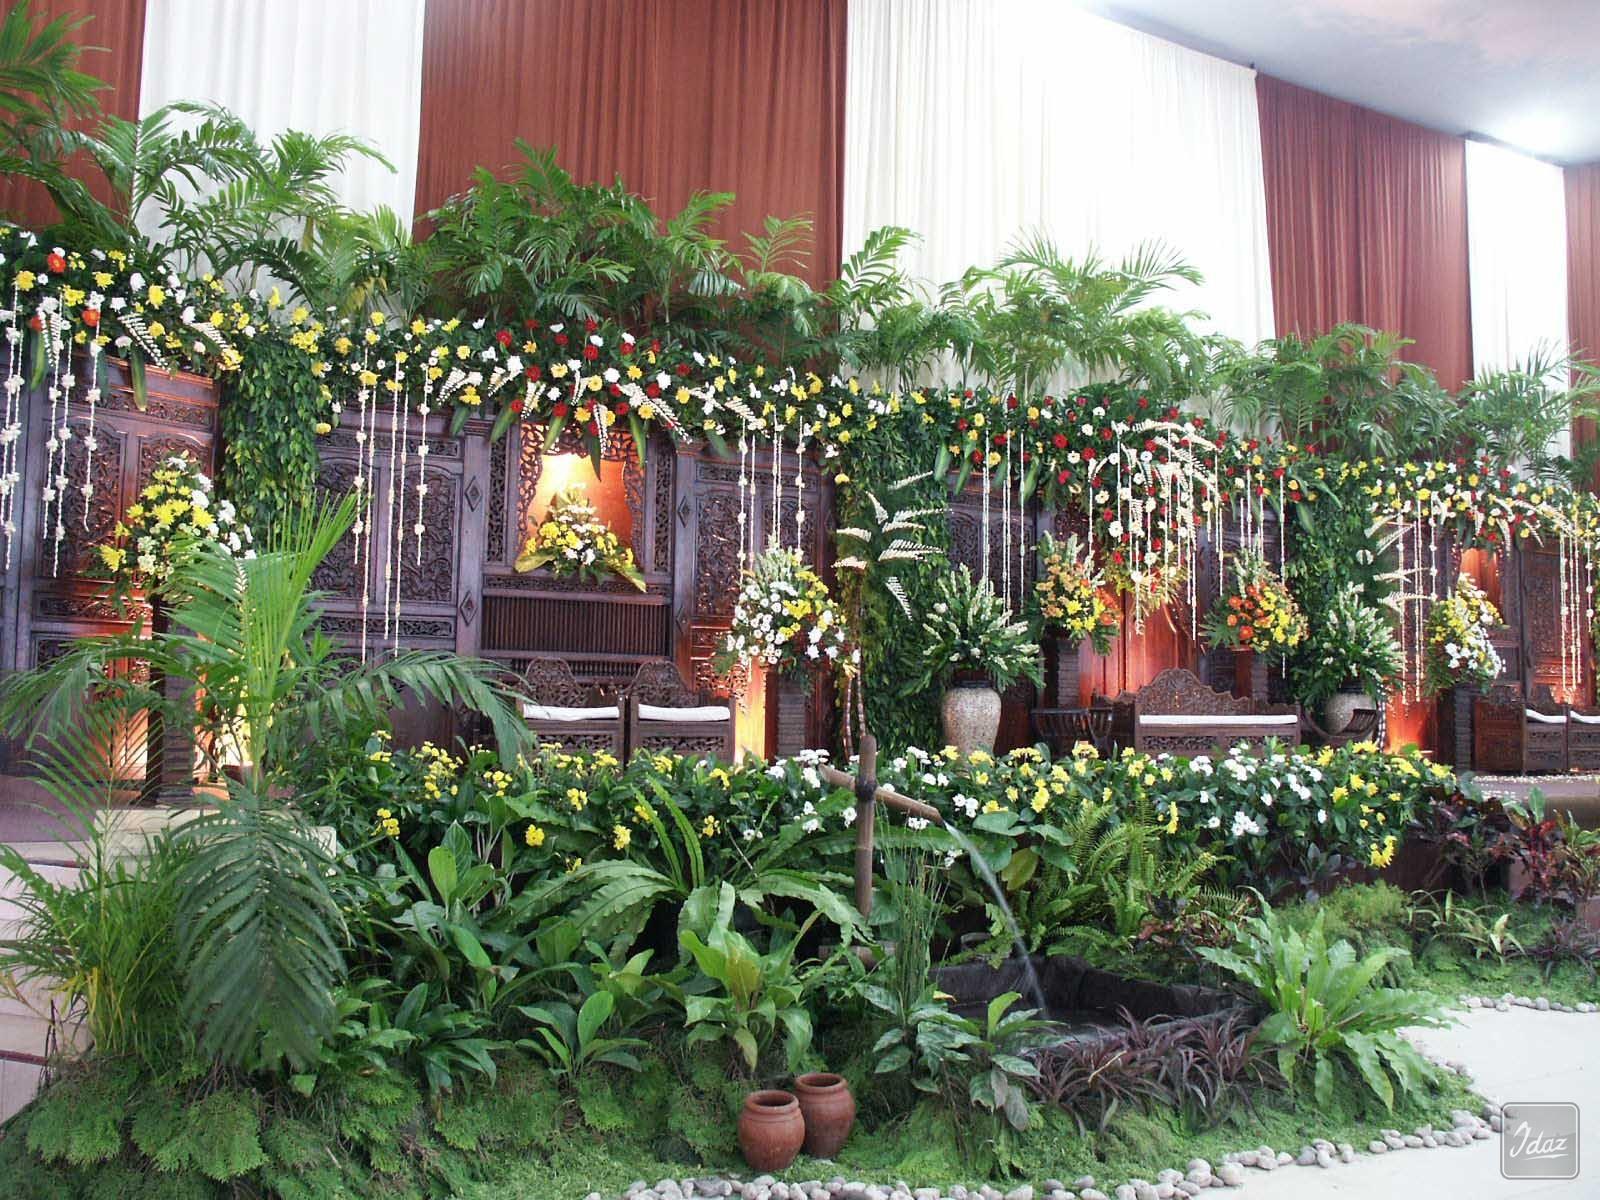 Dekorasi Pernikahan Tradisonal Gebyok Idaz